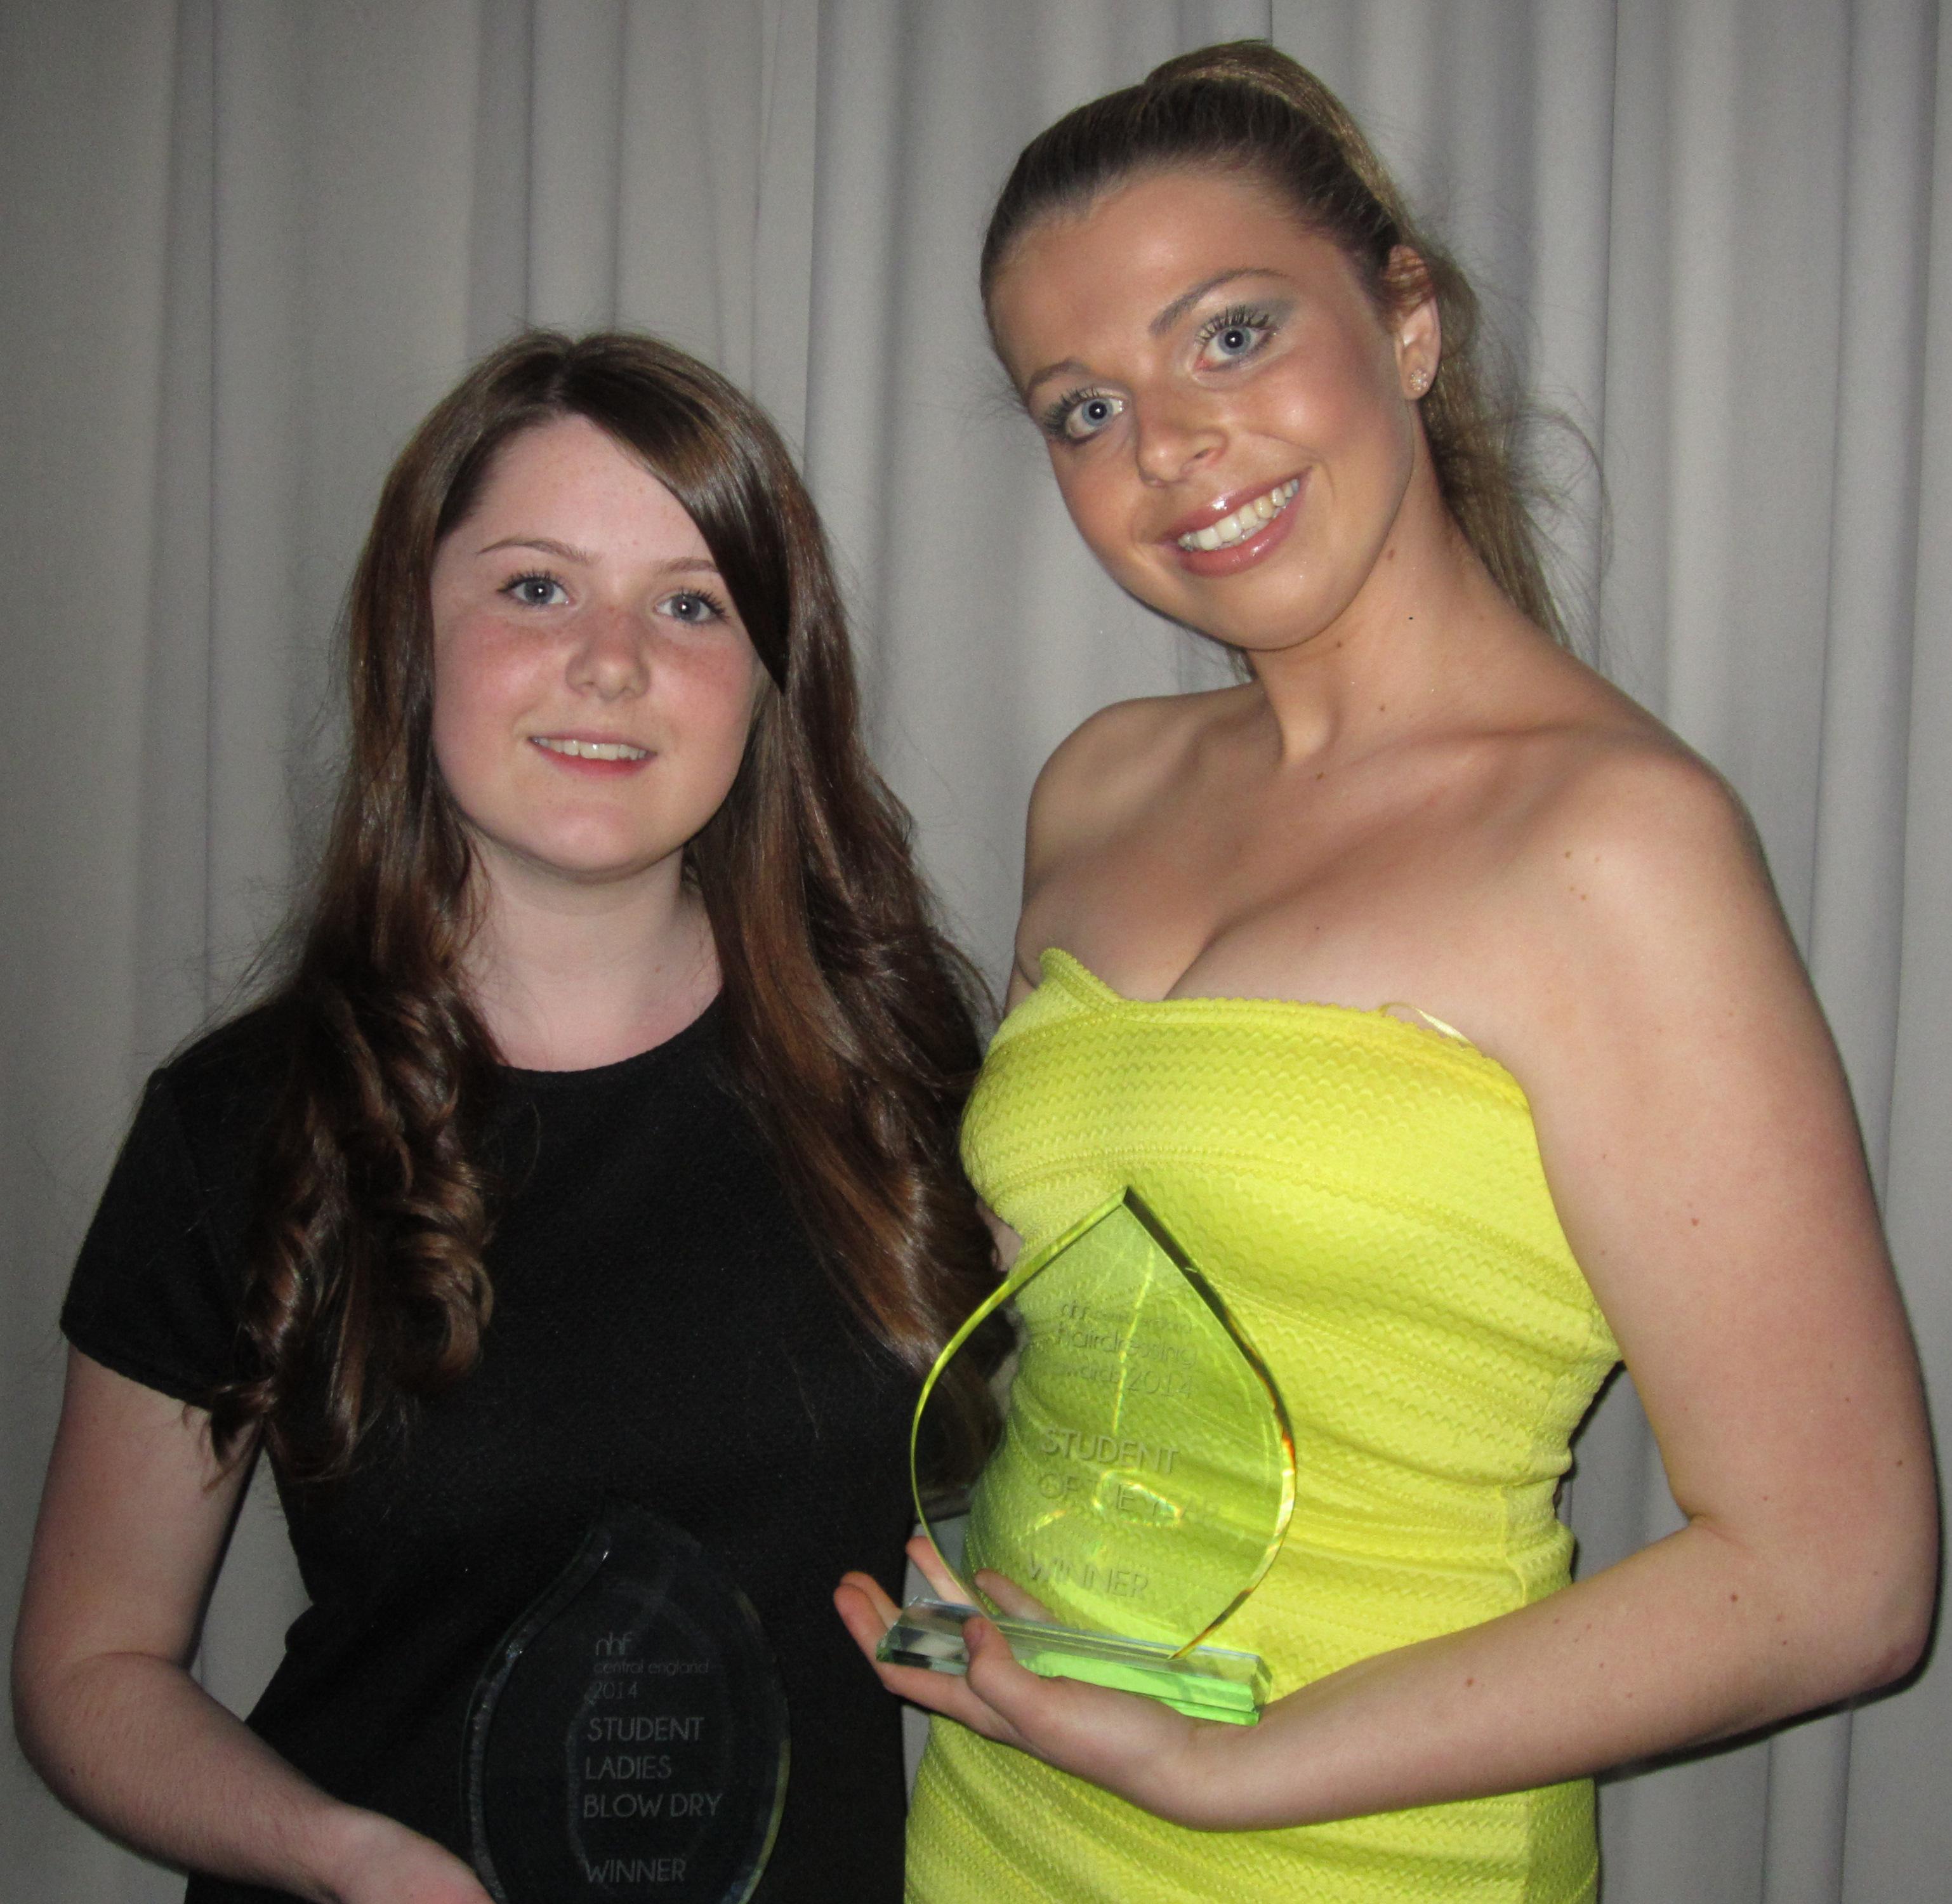 Elisha Broome and Jessica Langridge